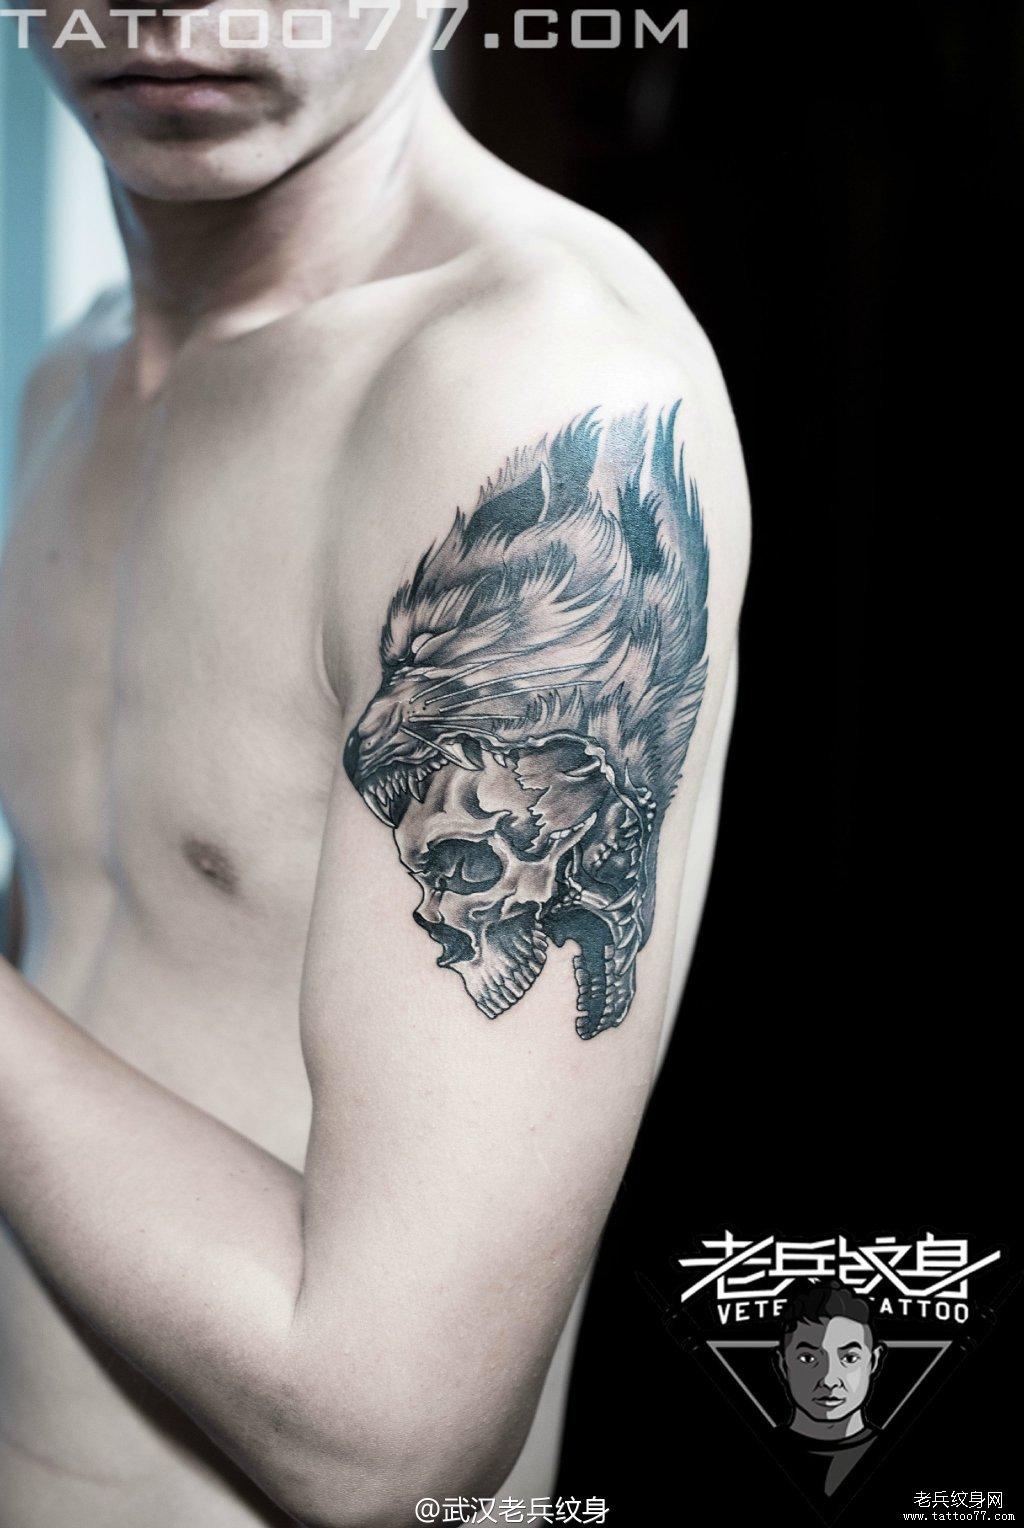 纹身图案大全          0 喜欢         浏览           大臂狼头骷髅